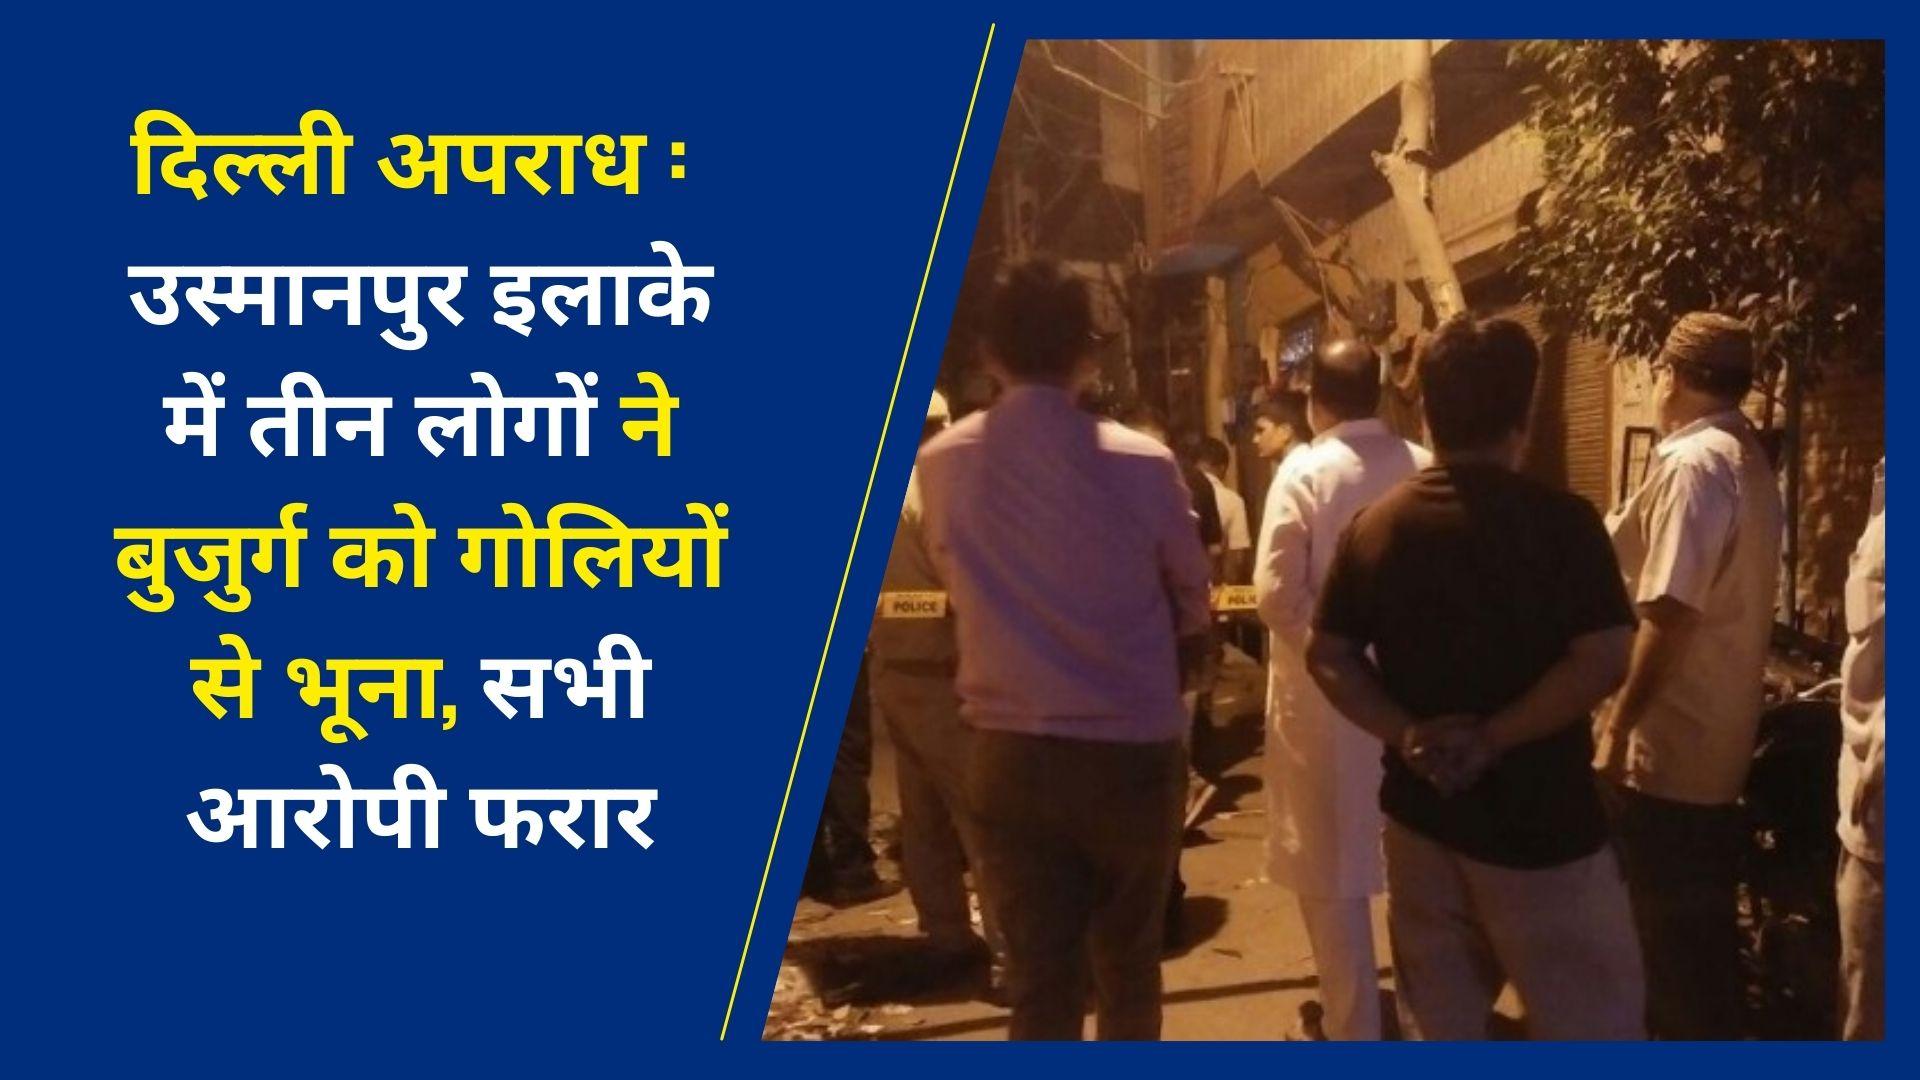 दिल्ली अपराध : उस्मानपुर इलाके में तीन लोगों ने बुजुर्ग को गोलियों से भूना, सभी आरोपी फरार